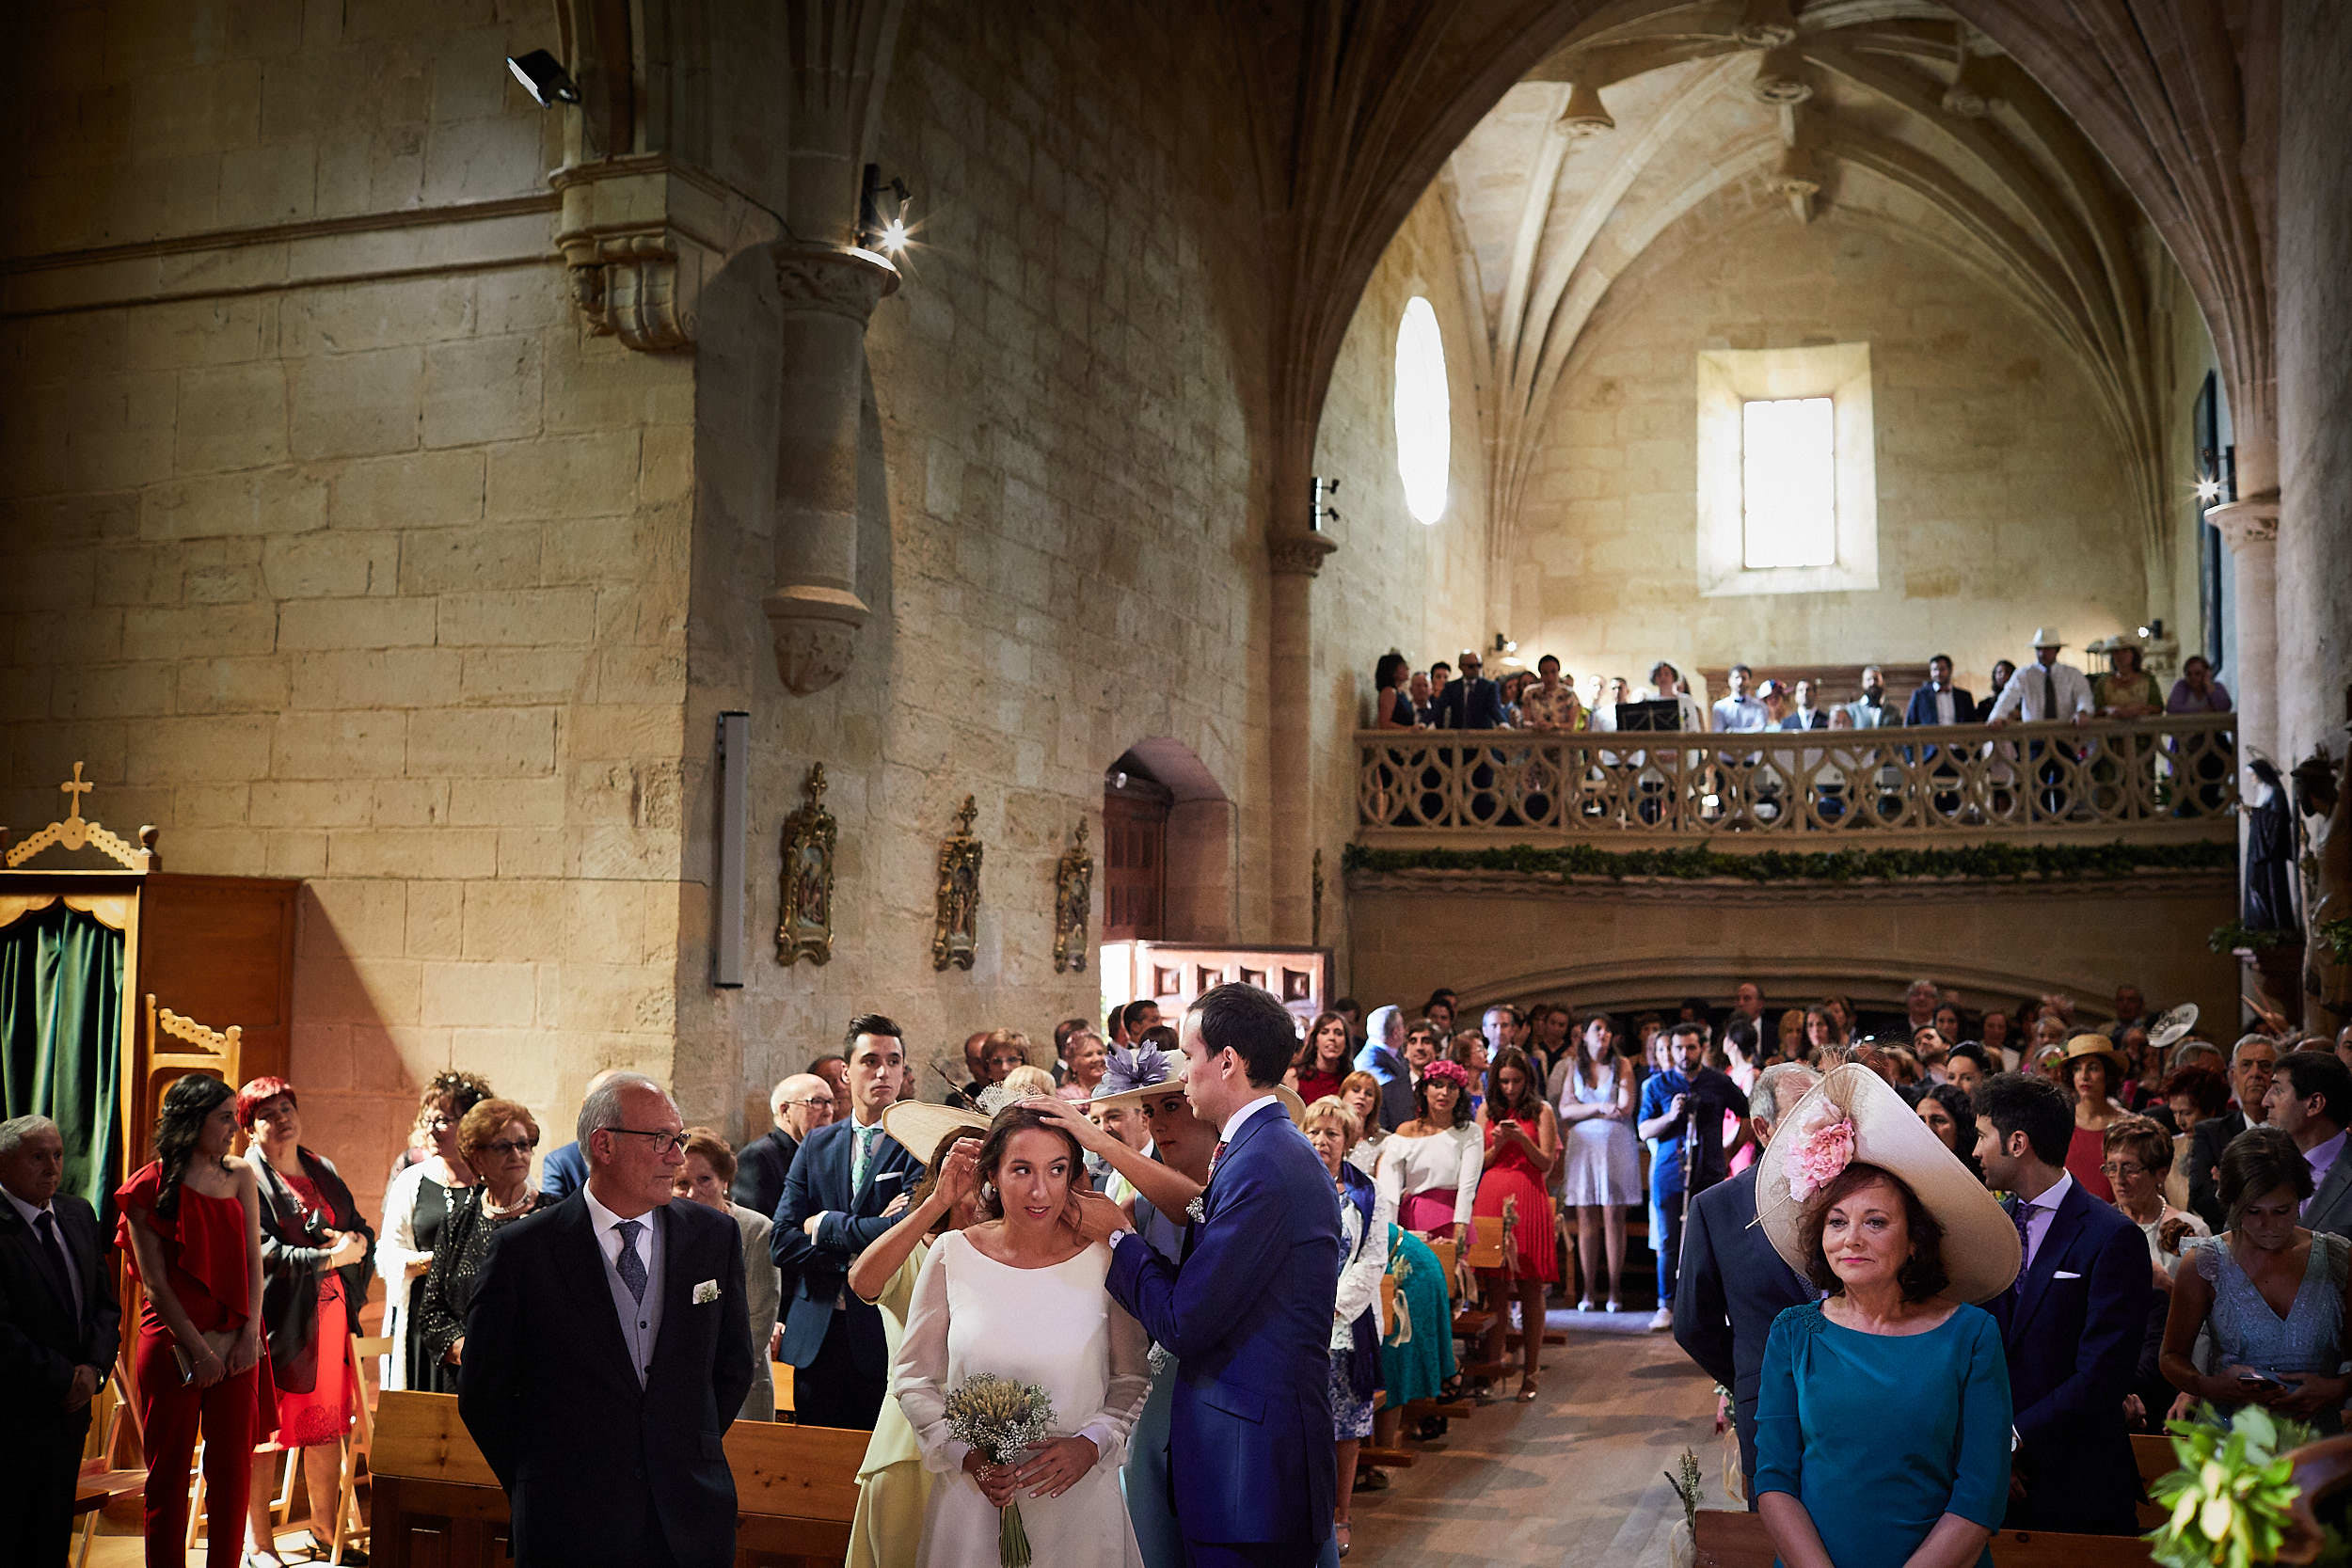 Fotógrafo de boda con estilo documental y fotoperiodismo en La Rioja Palacio Casafuerte Zarraton La Rioja Spain James Sturcke Photographer sturcke.org_00006.jpg